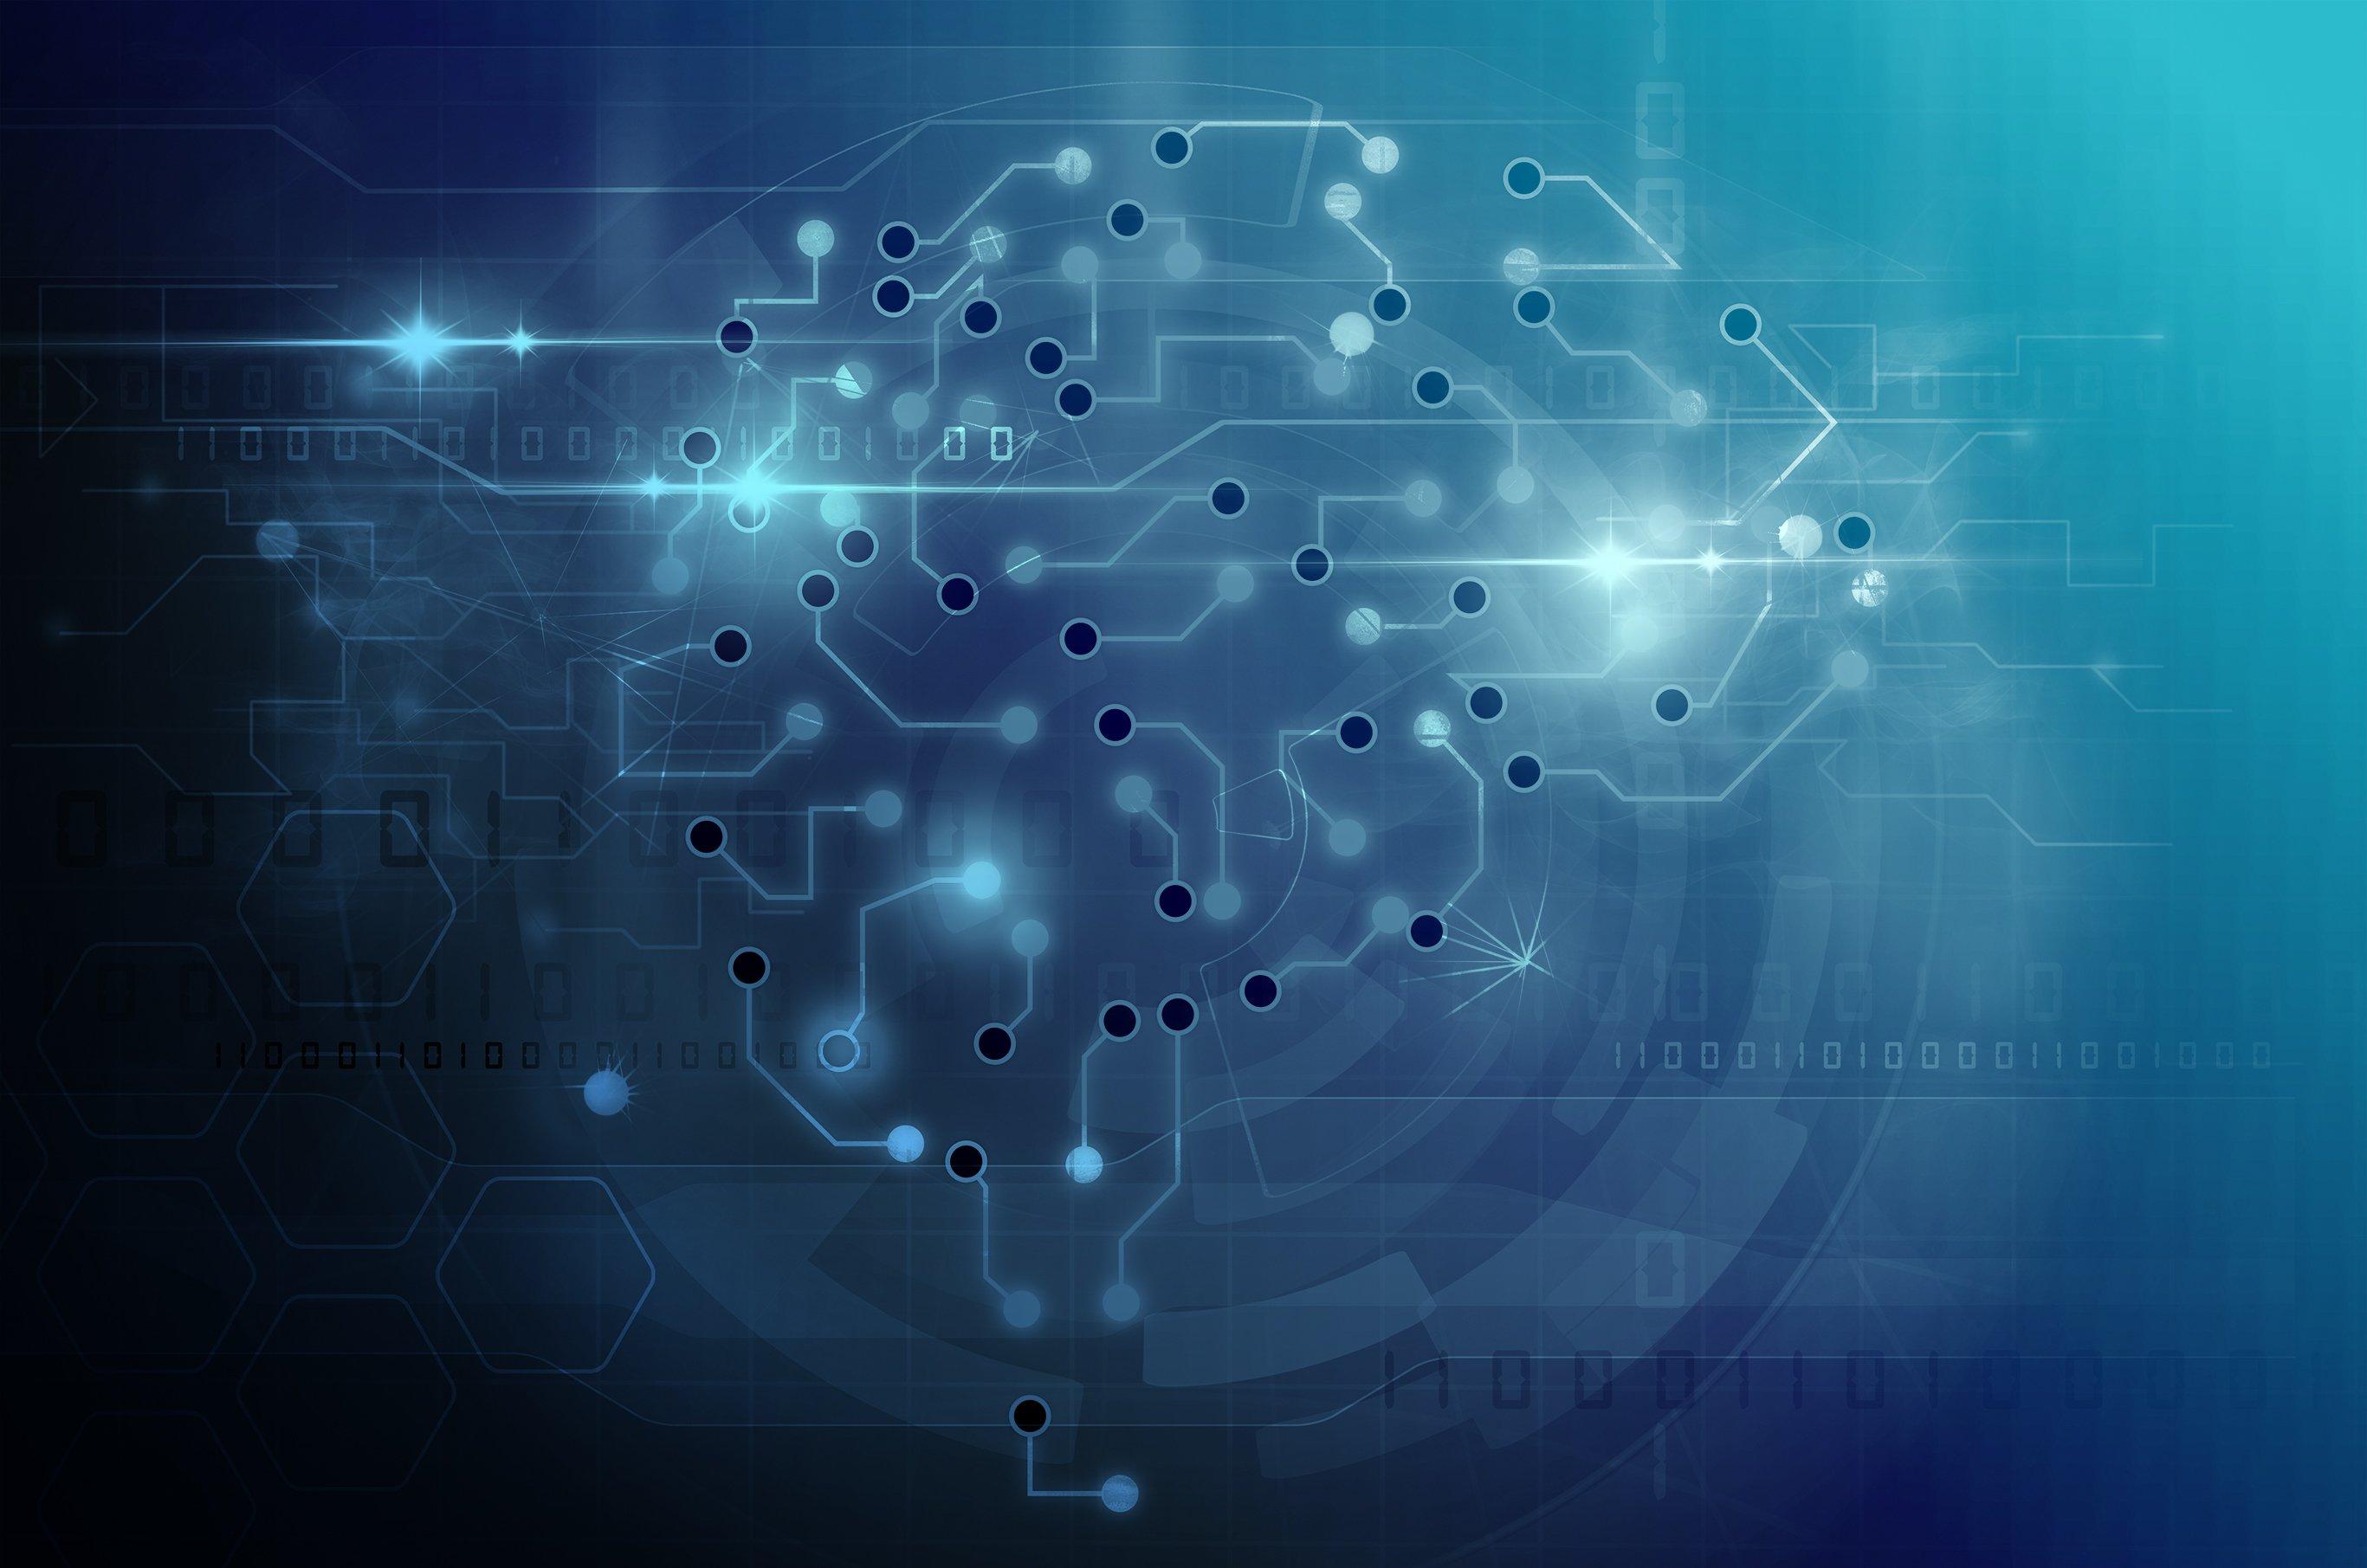 CyberSaint-cybersecurity-artificial-intelligence